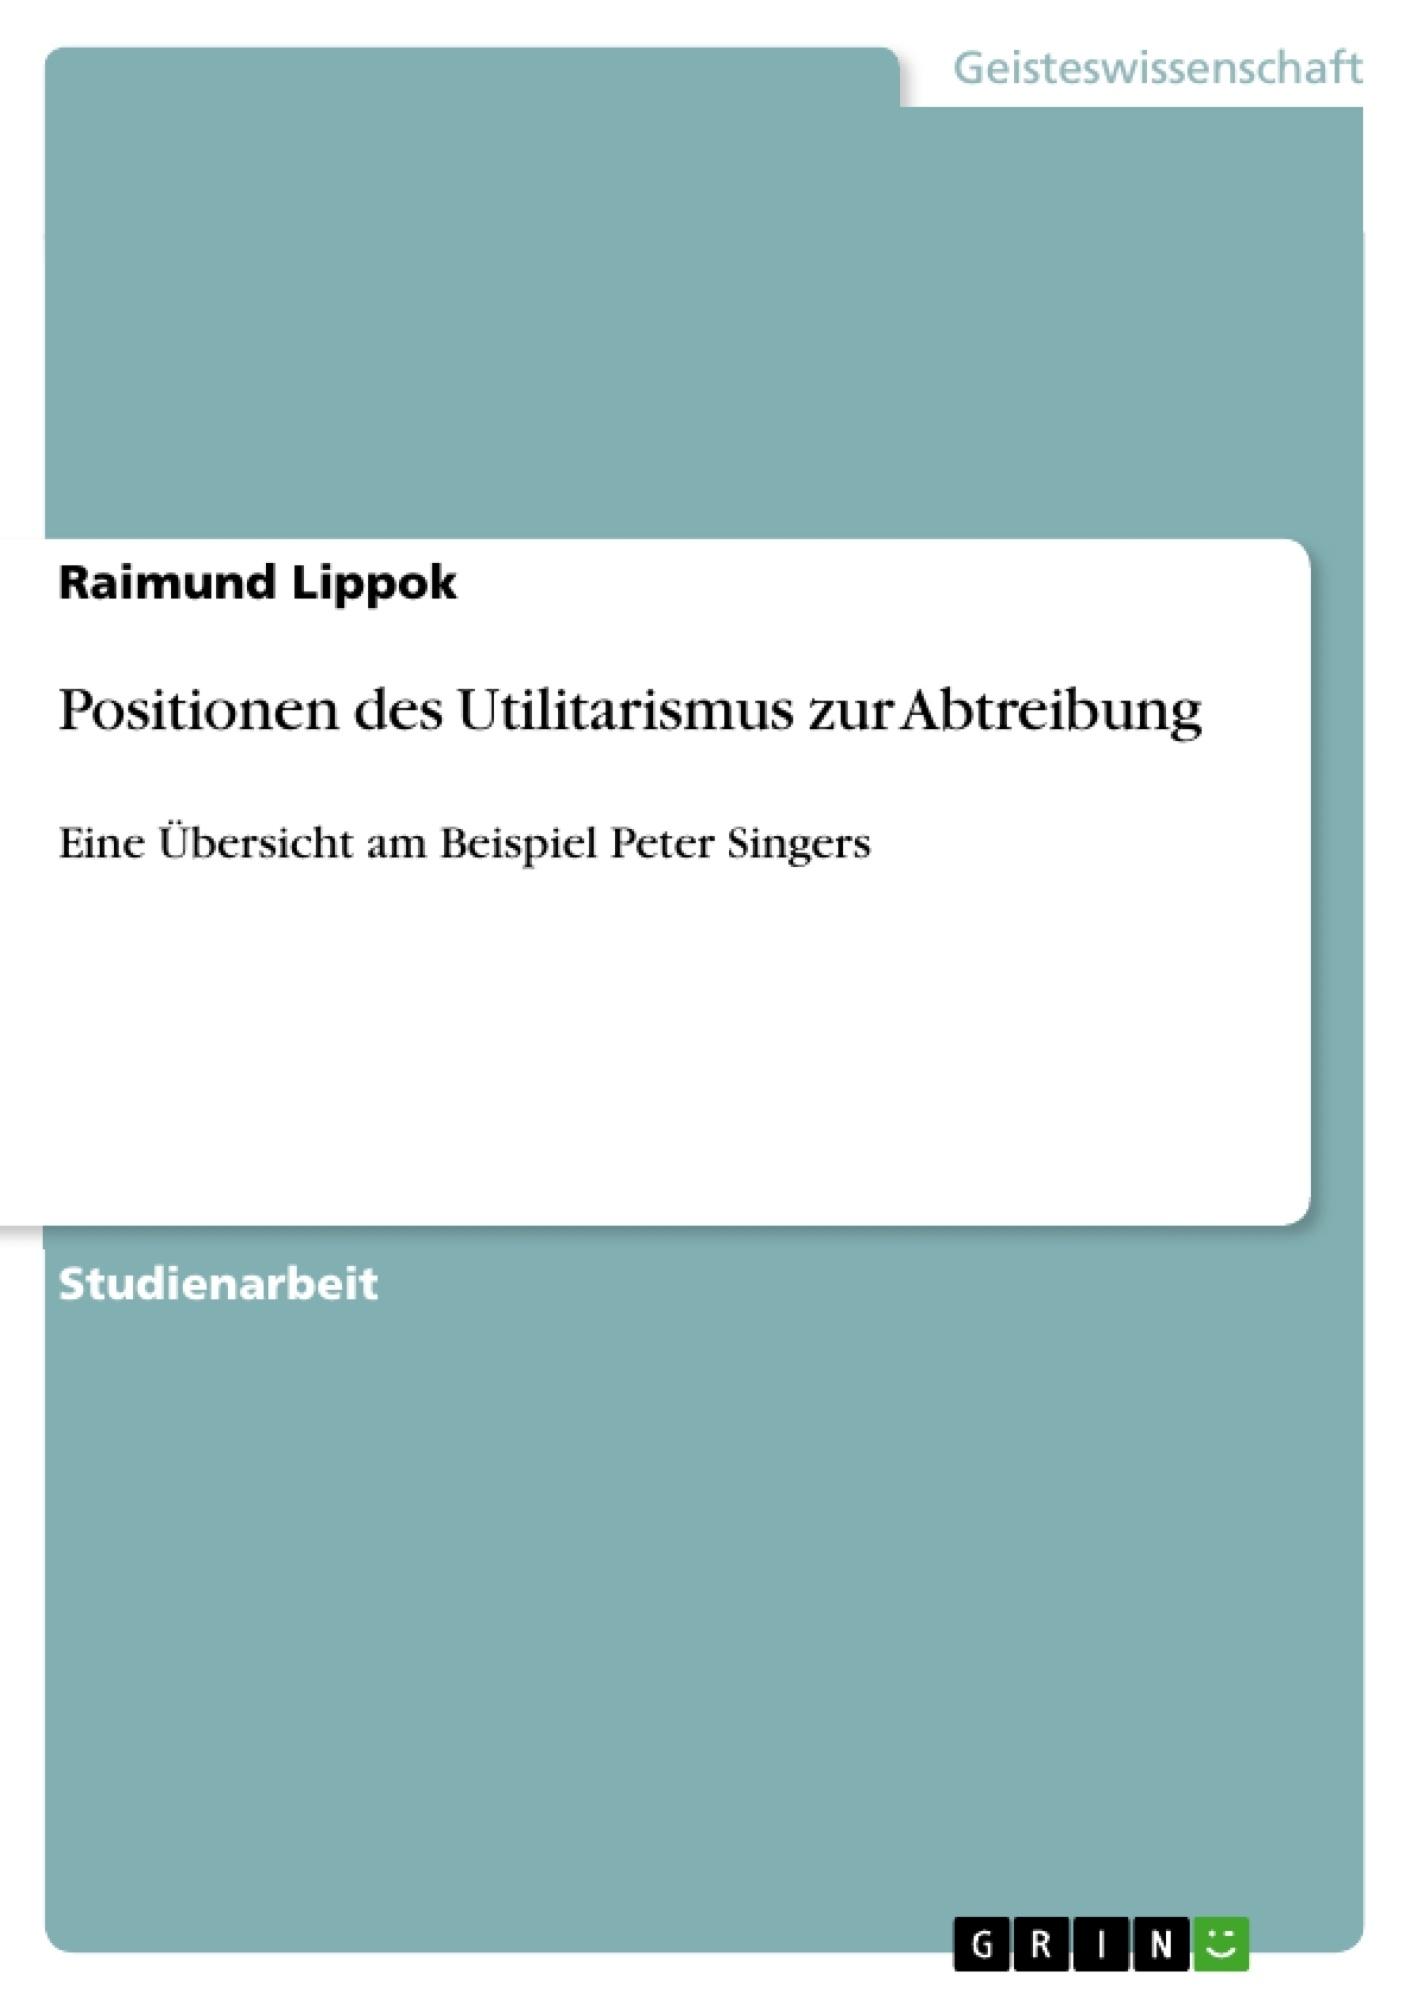 Titel: Positionen des Utilitarismus zur Abtreibung